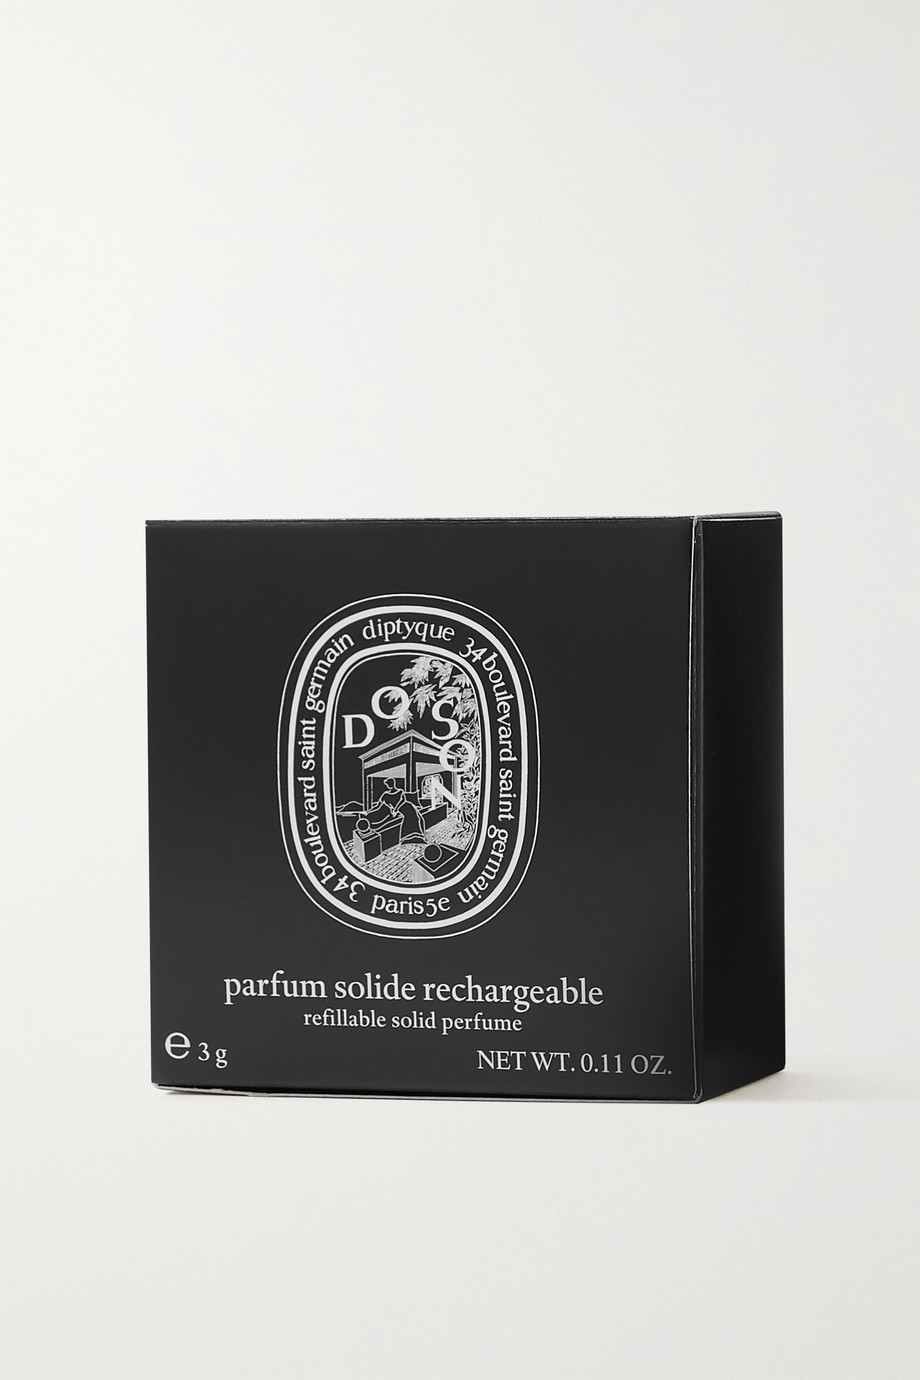 Diptyque Do Son, 3 g – Nachfüllbares Cremeparfum